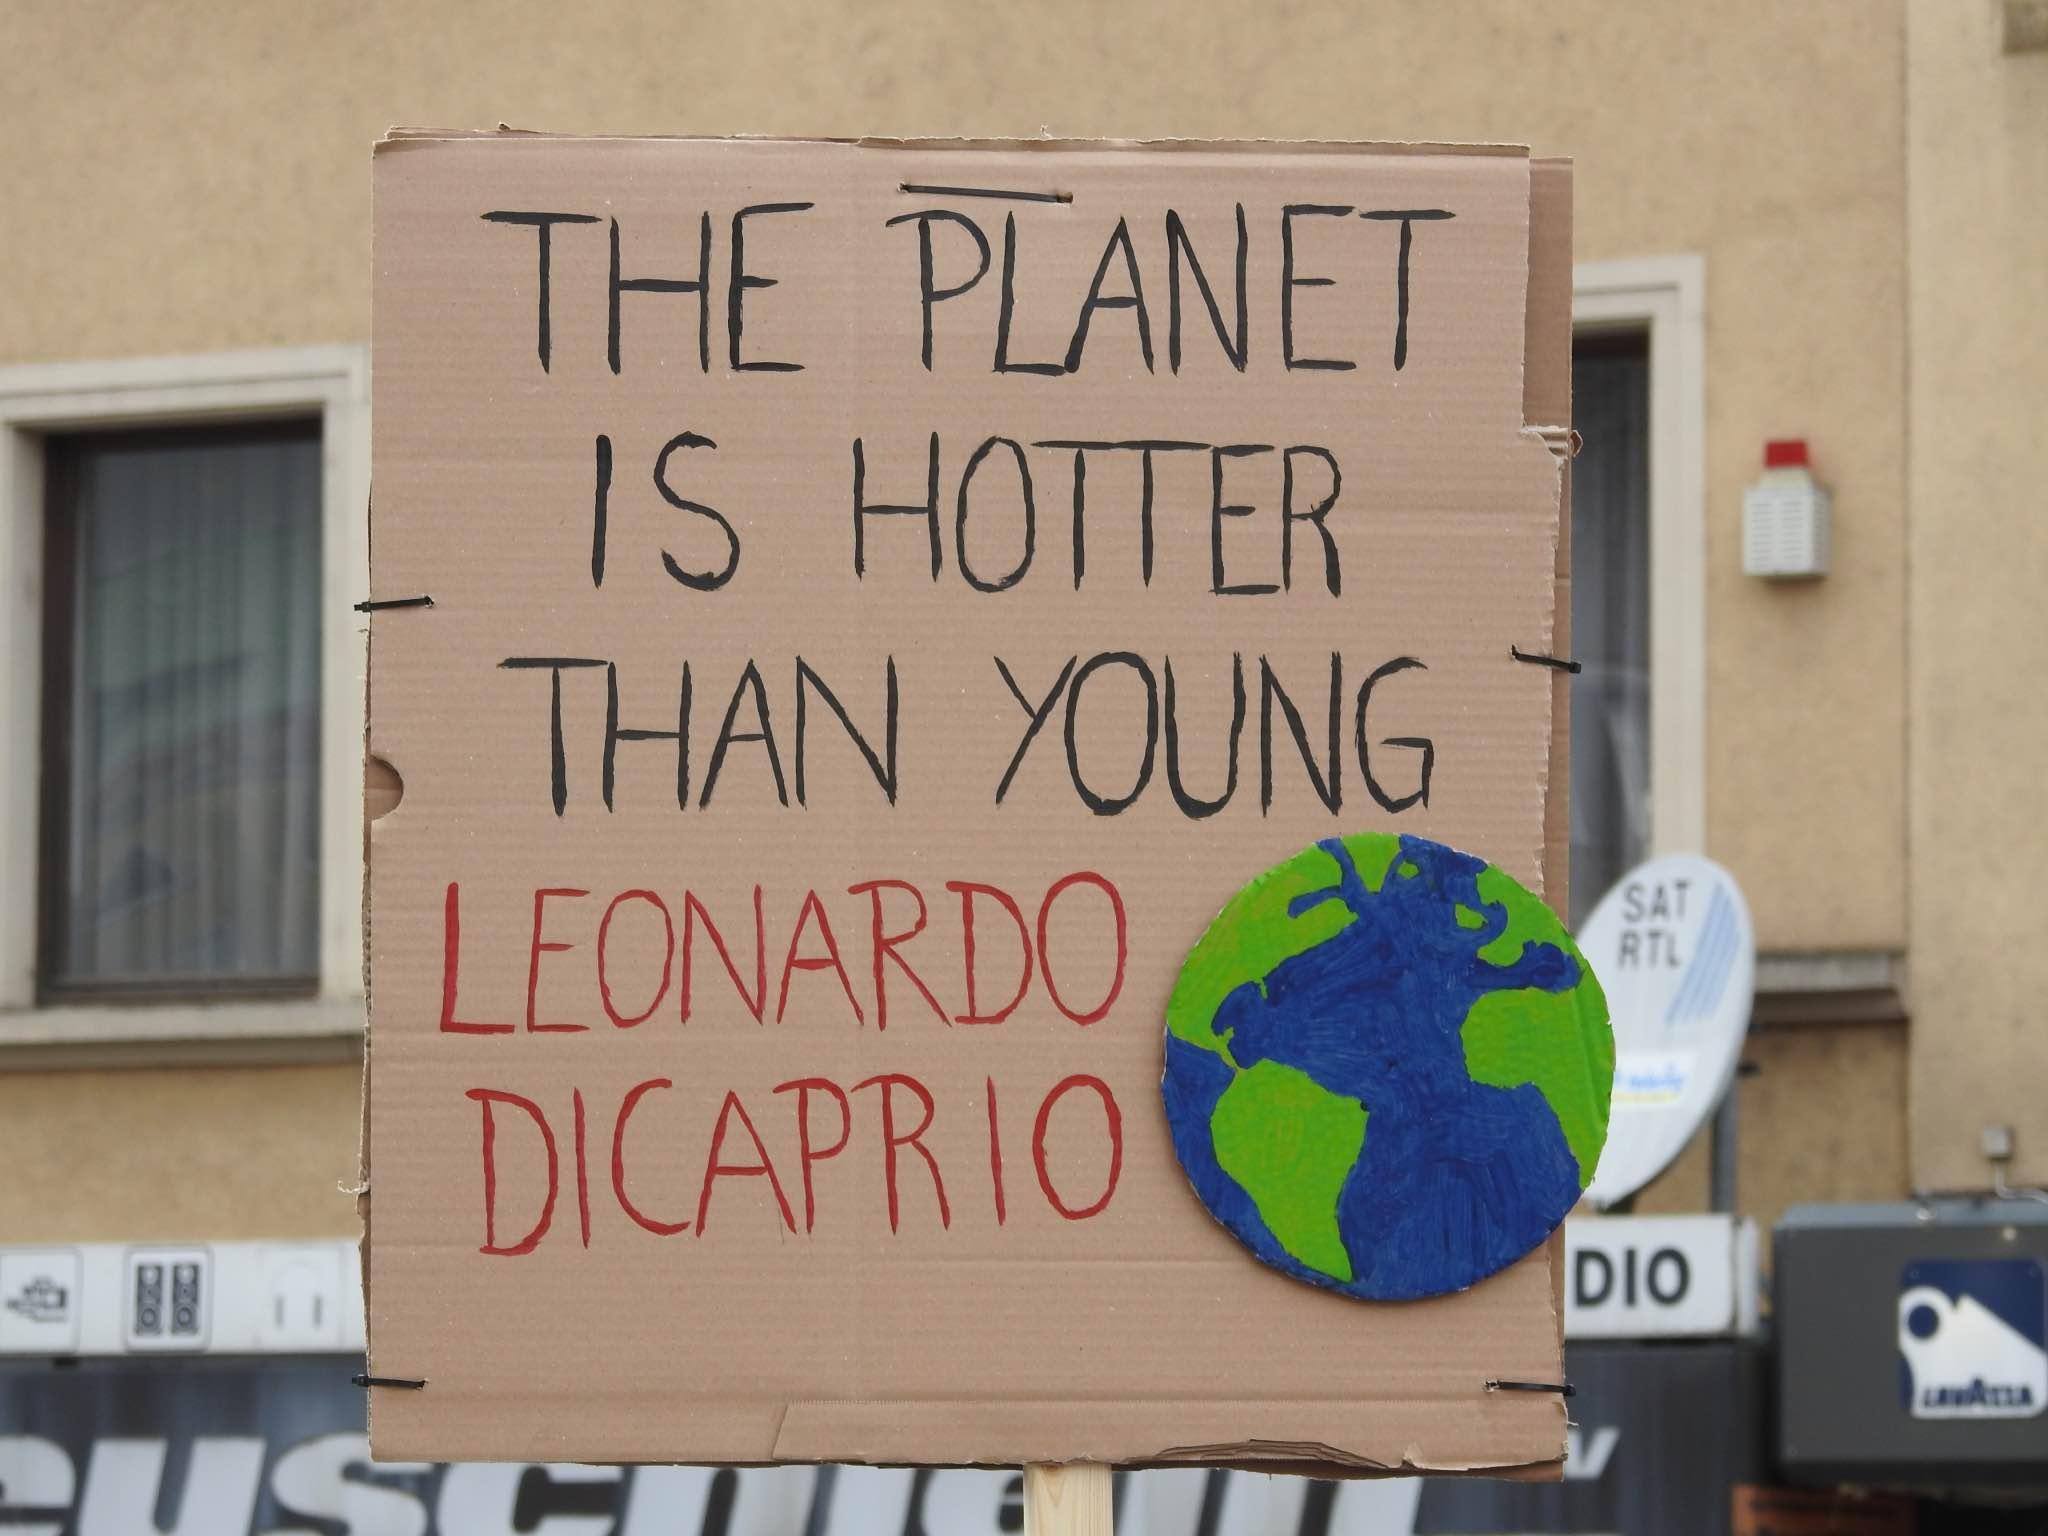 Seit Monaten streiken Schüler auf der ganzen Welt gegen die Klimapolitik. Am 22. Februar wurde das erste Mal in Schweinfurt gestreikt. Foto: Dirk Flieger.